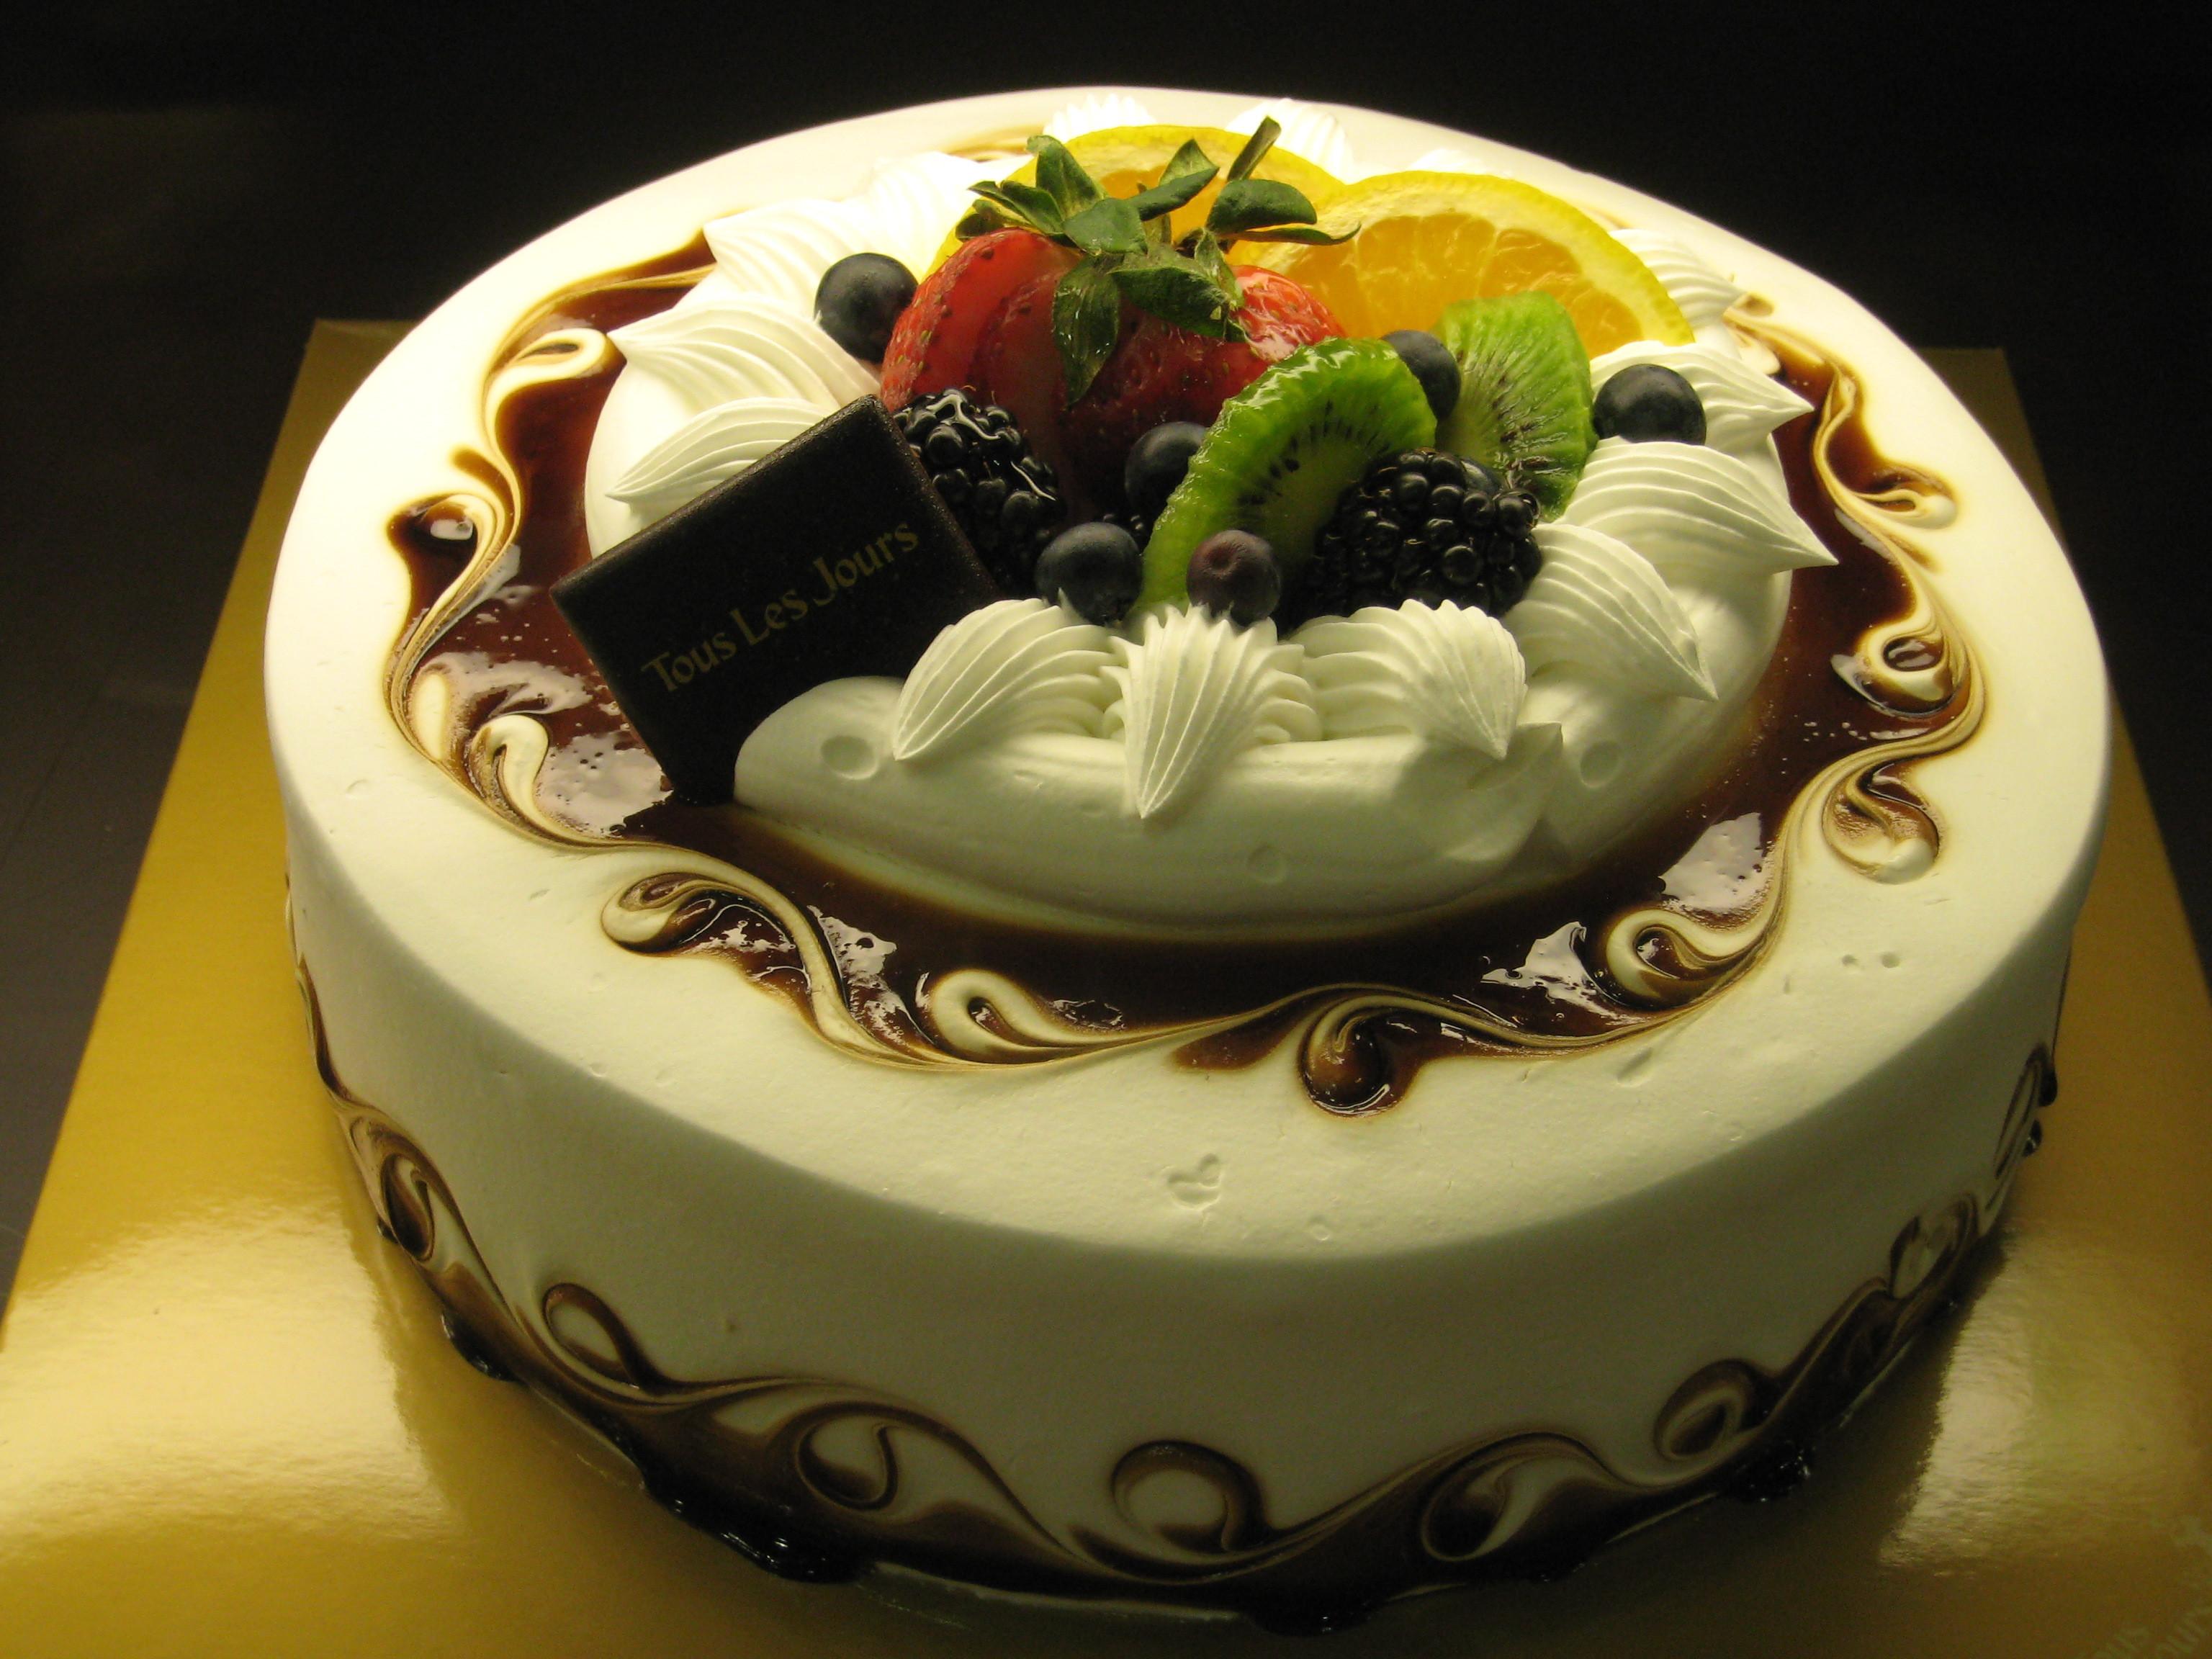 Portos Wedding Cakes Prices  Pin Carrot 14 Sheet Portos Bakery Cake on Pinterest